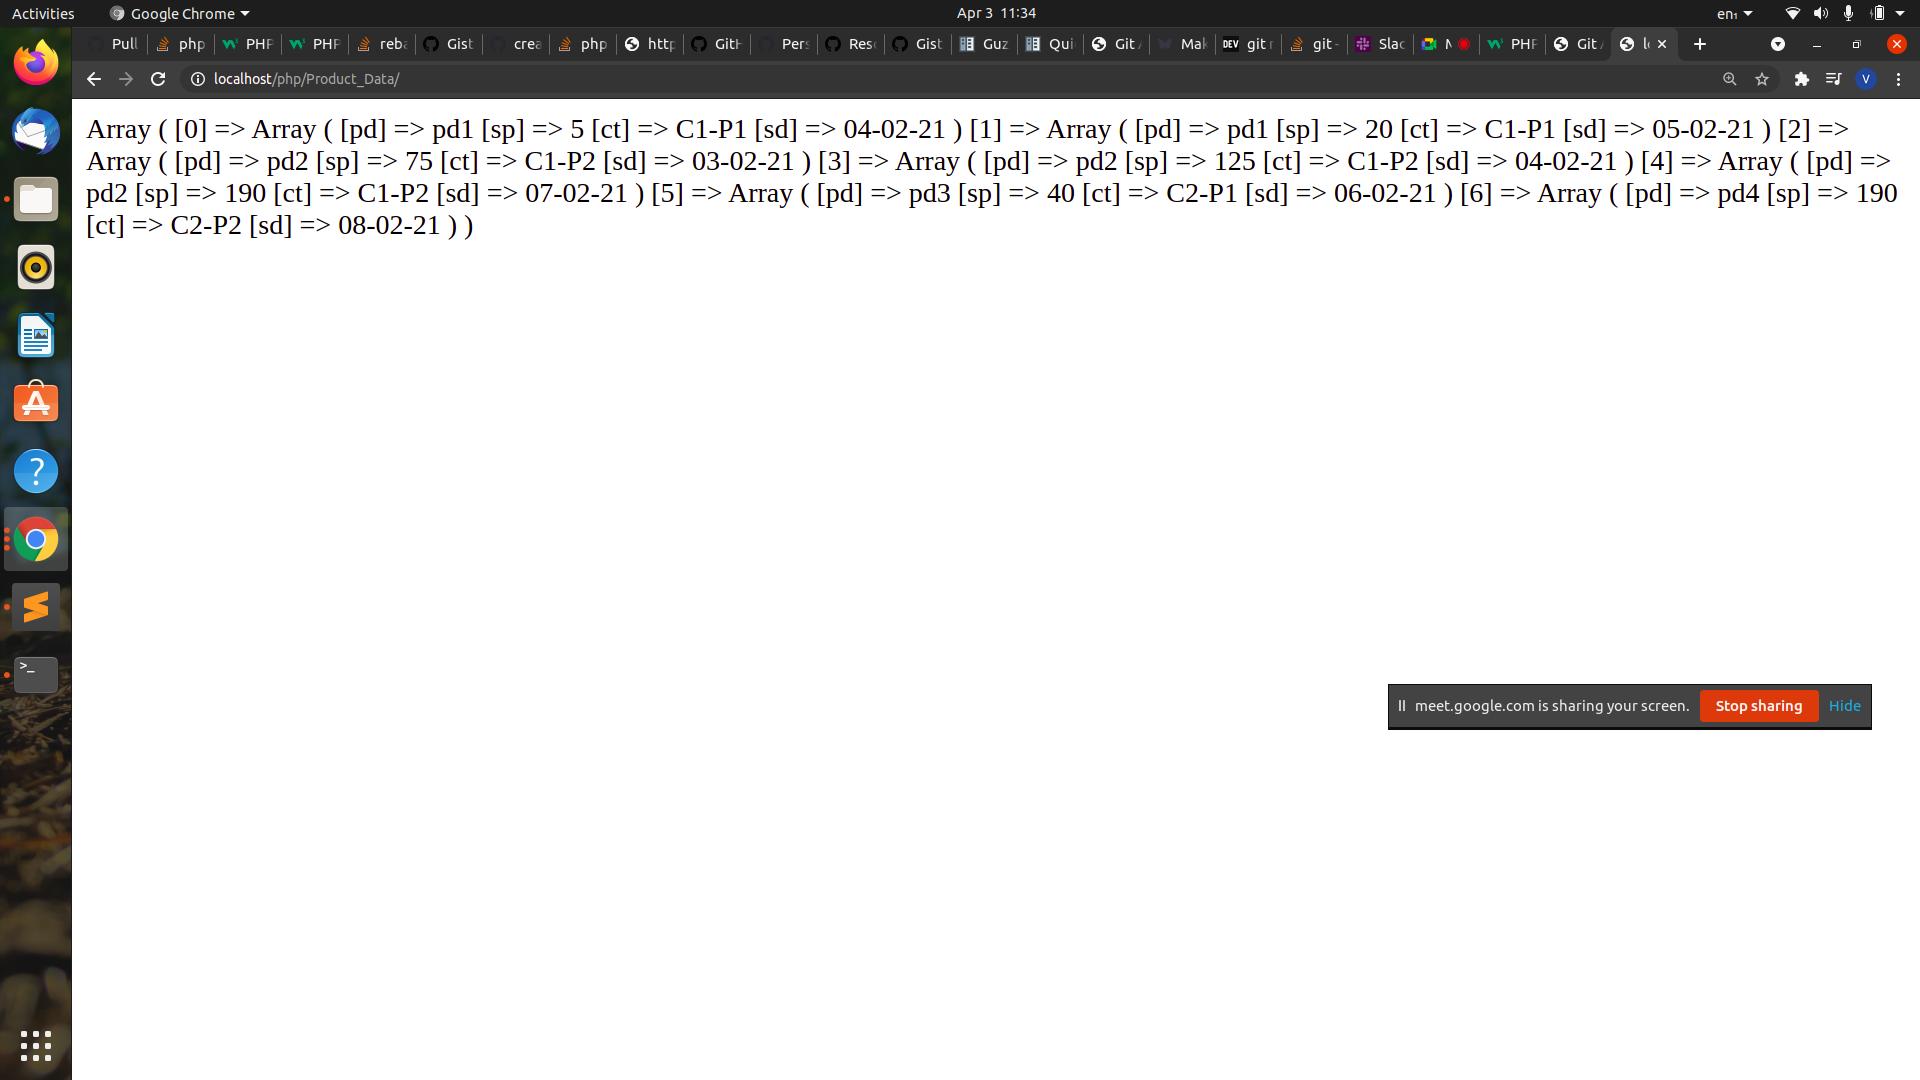 Screenshot from 2021-04-03 11-34-37